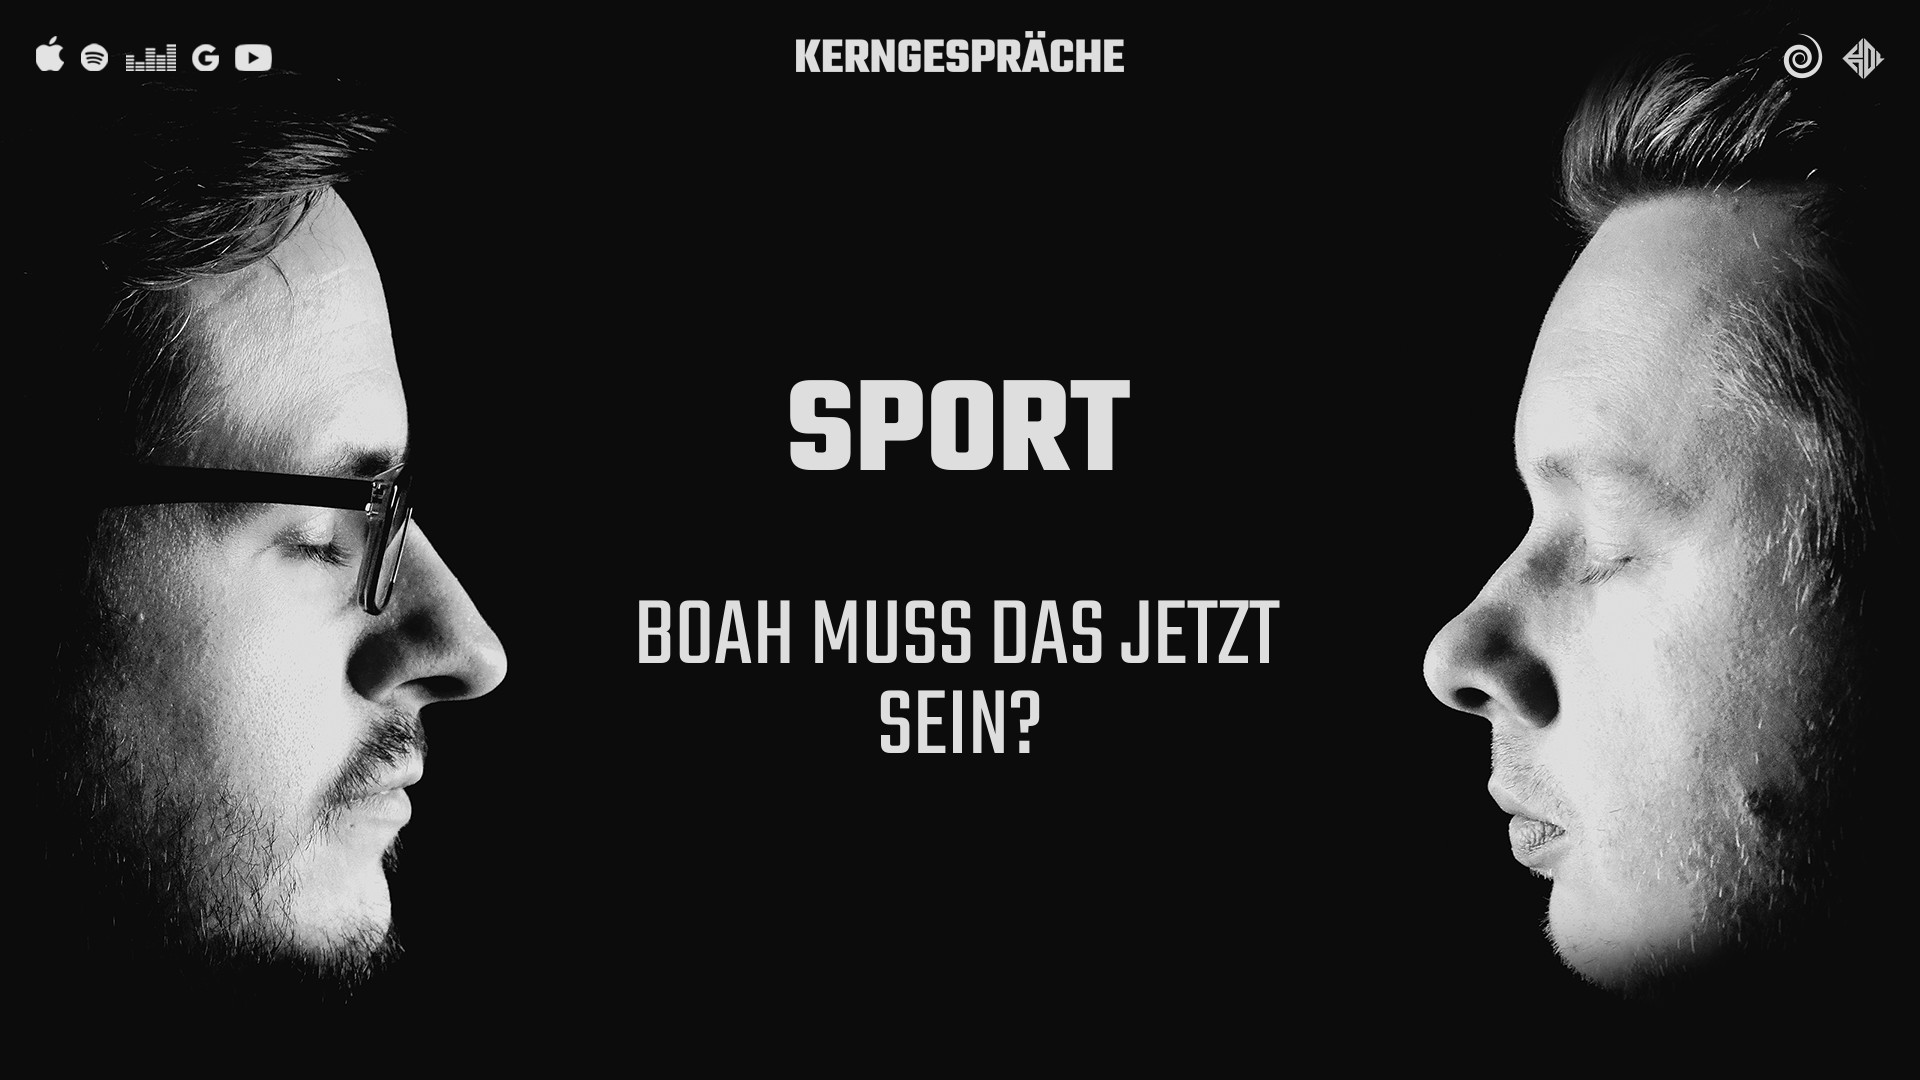 Sport: boah muss das jetzt sein?